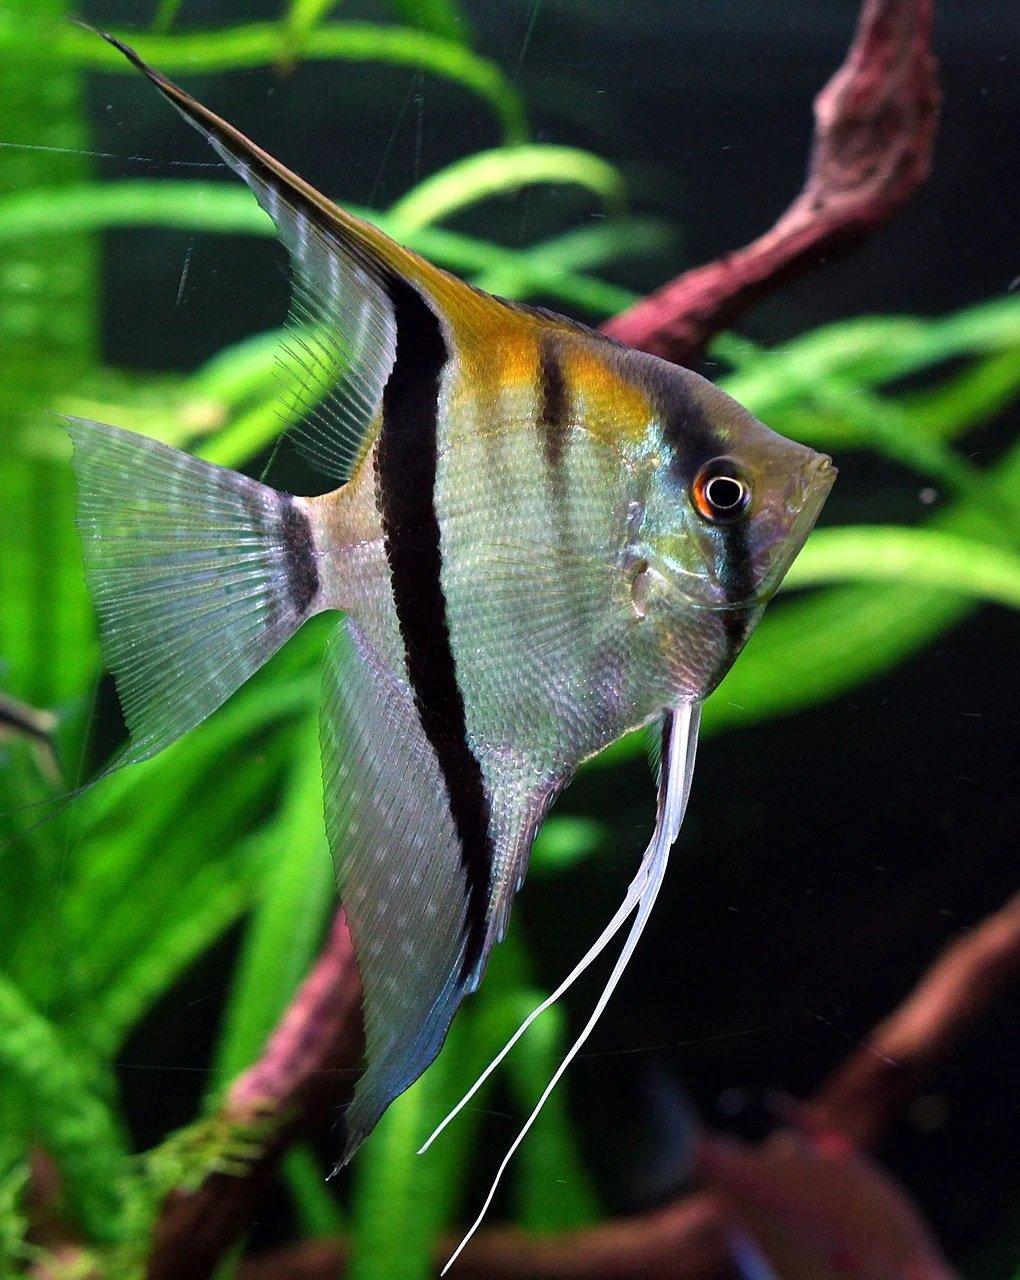 Zwierzęta domowe - quiz. Jaka to rybka akwariowa?